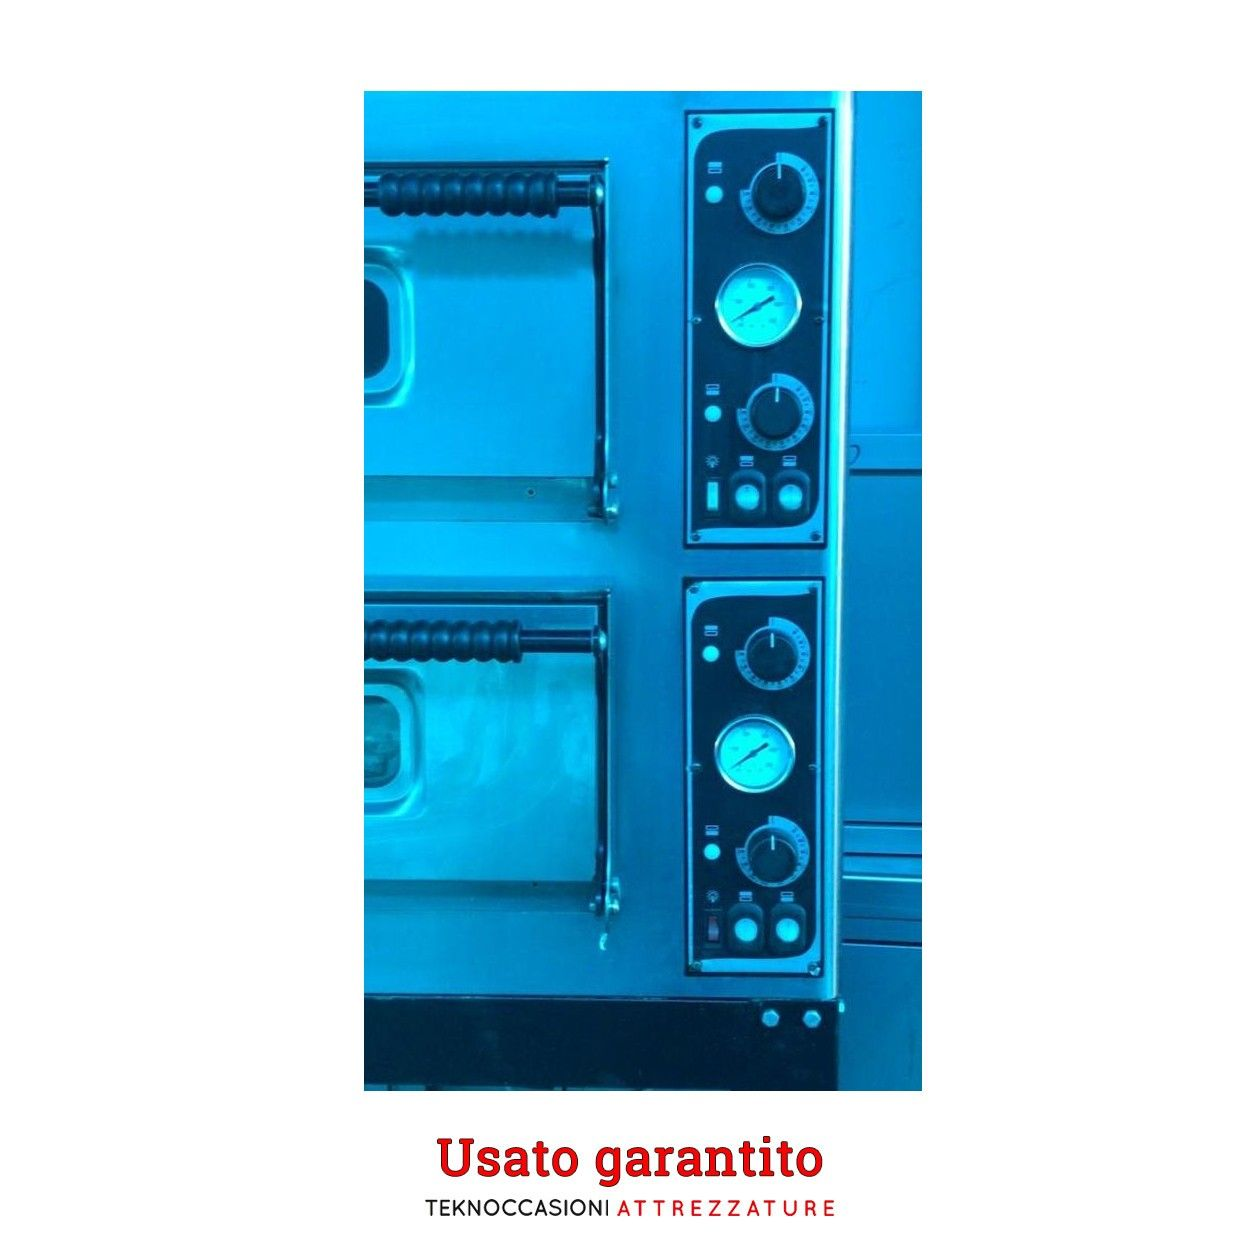 Forno pizza 2 camere elettrico usato garantito